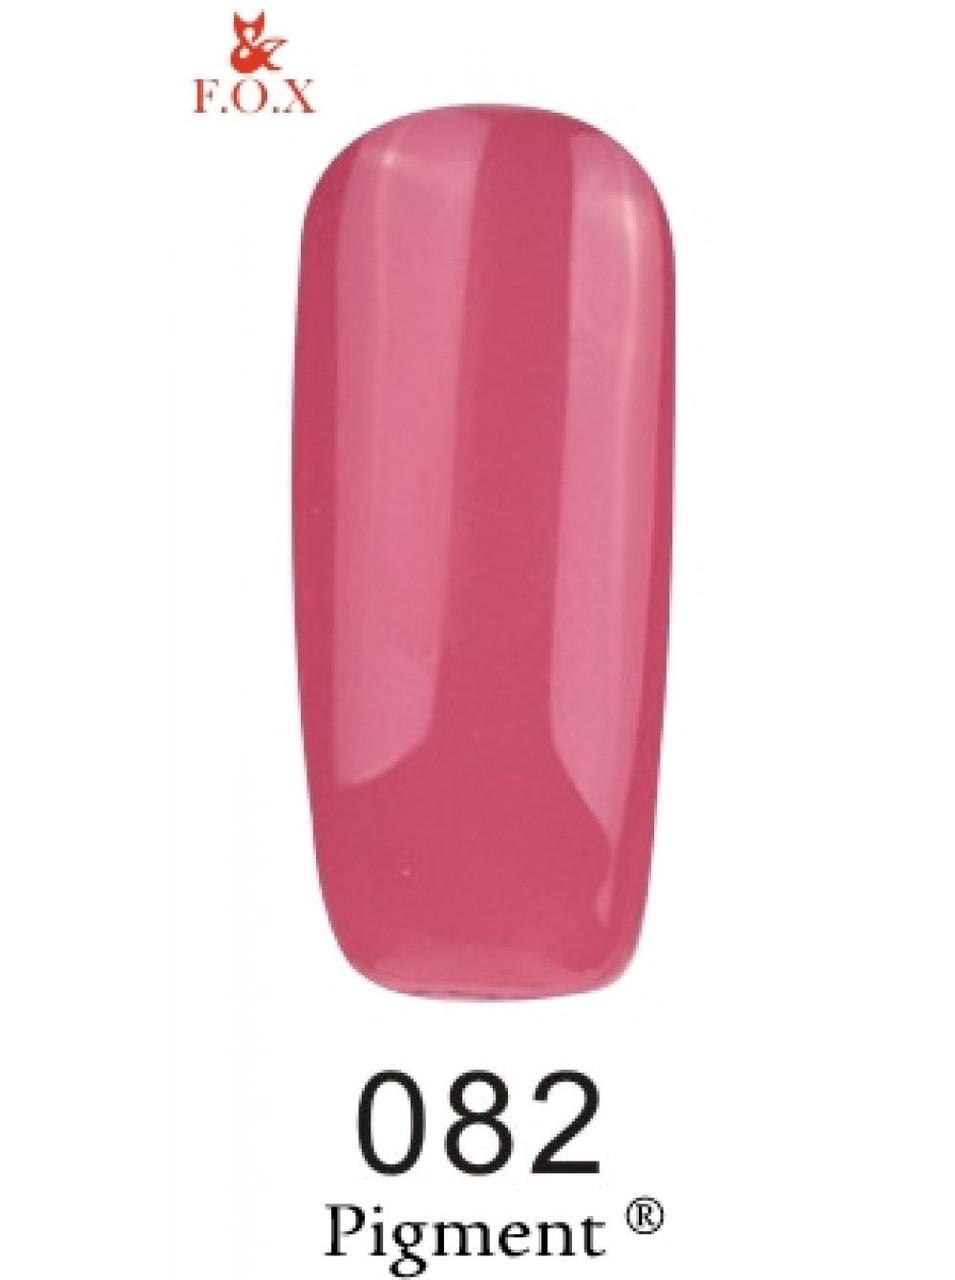 082 F.O.X gel-polish gold Pigment 6 мл